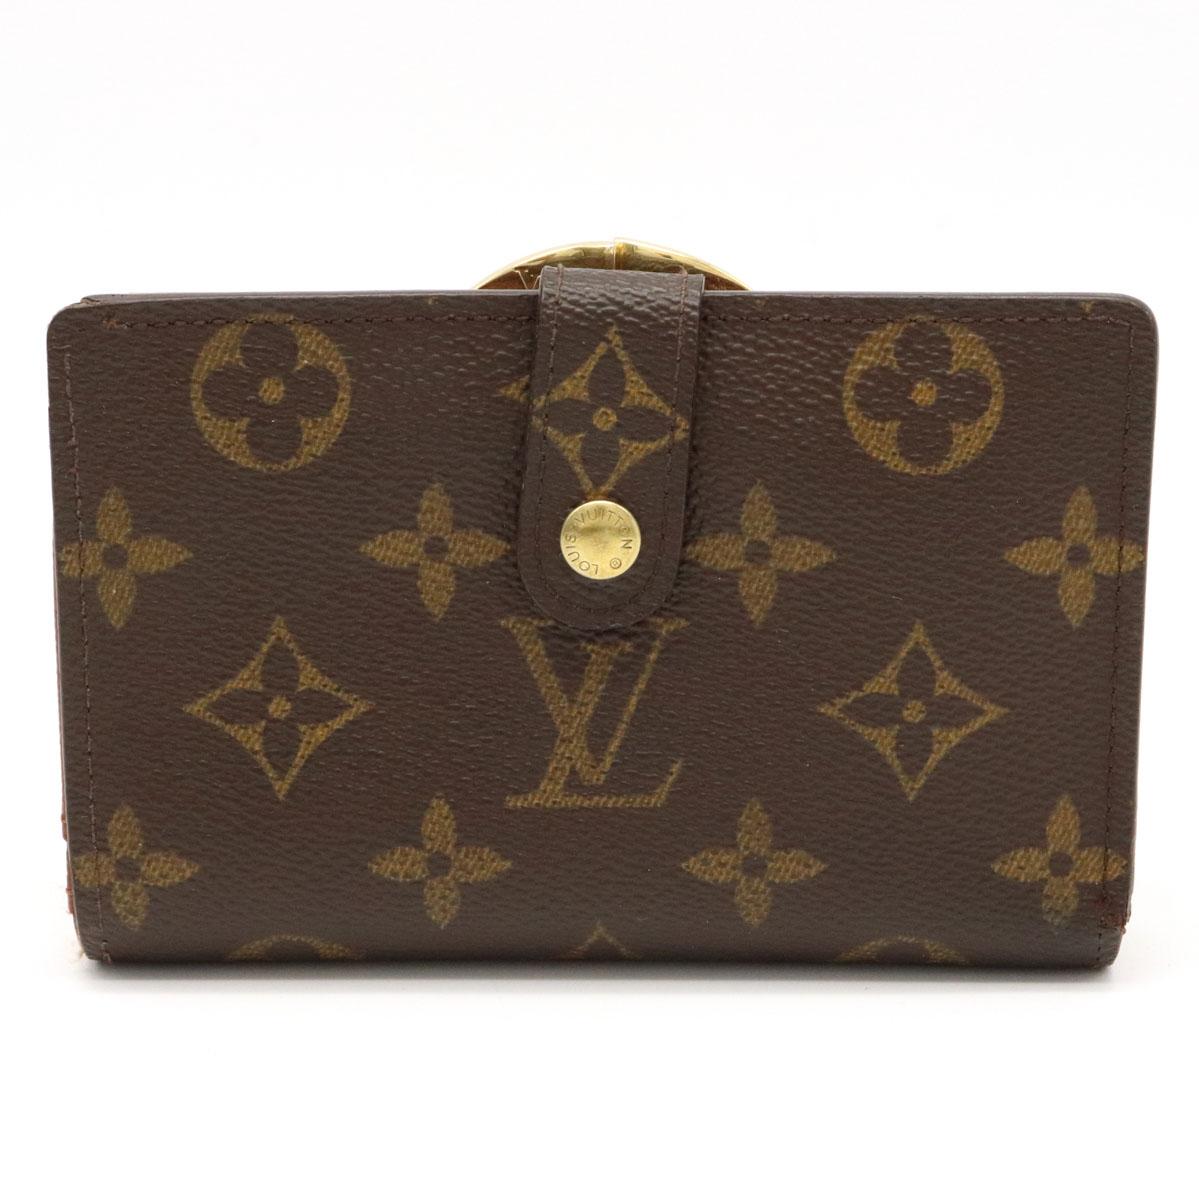 財布 LOUIS VUITTON セール品 ルイ ヴィトン モノグラム ポルトフォイユ がま口財布 M61663 中古 二つ折り ヴィエノワ 2つ折 ガマ口財布 爆買いセール